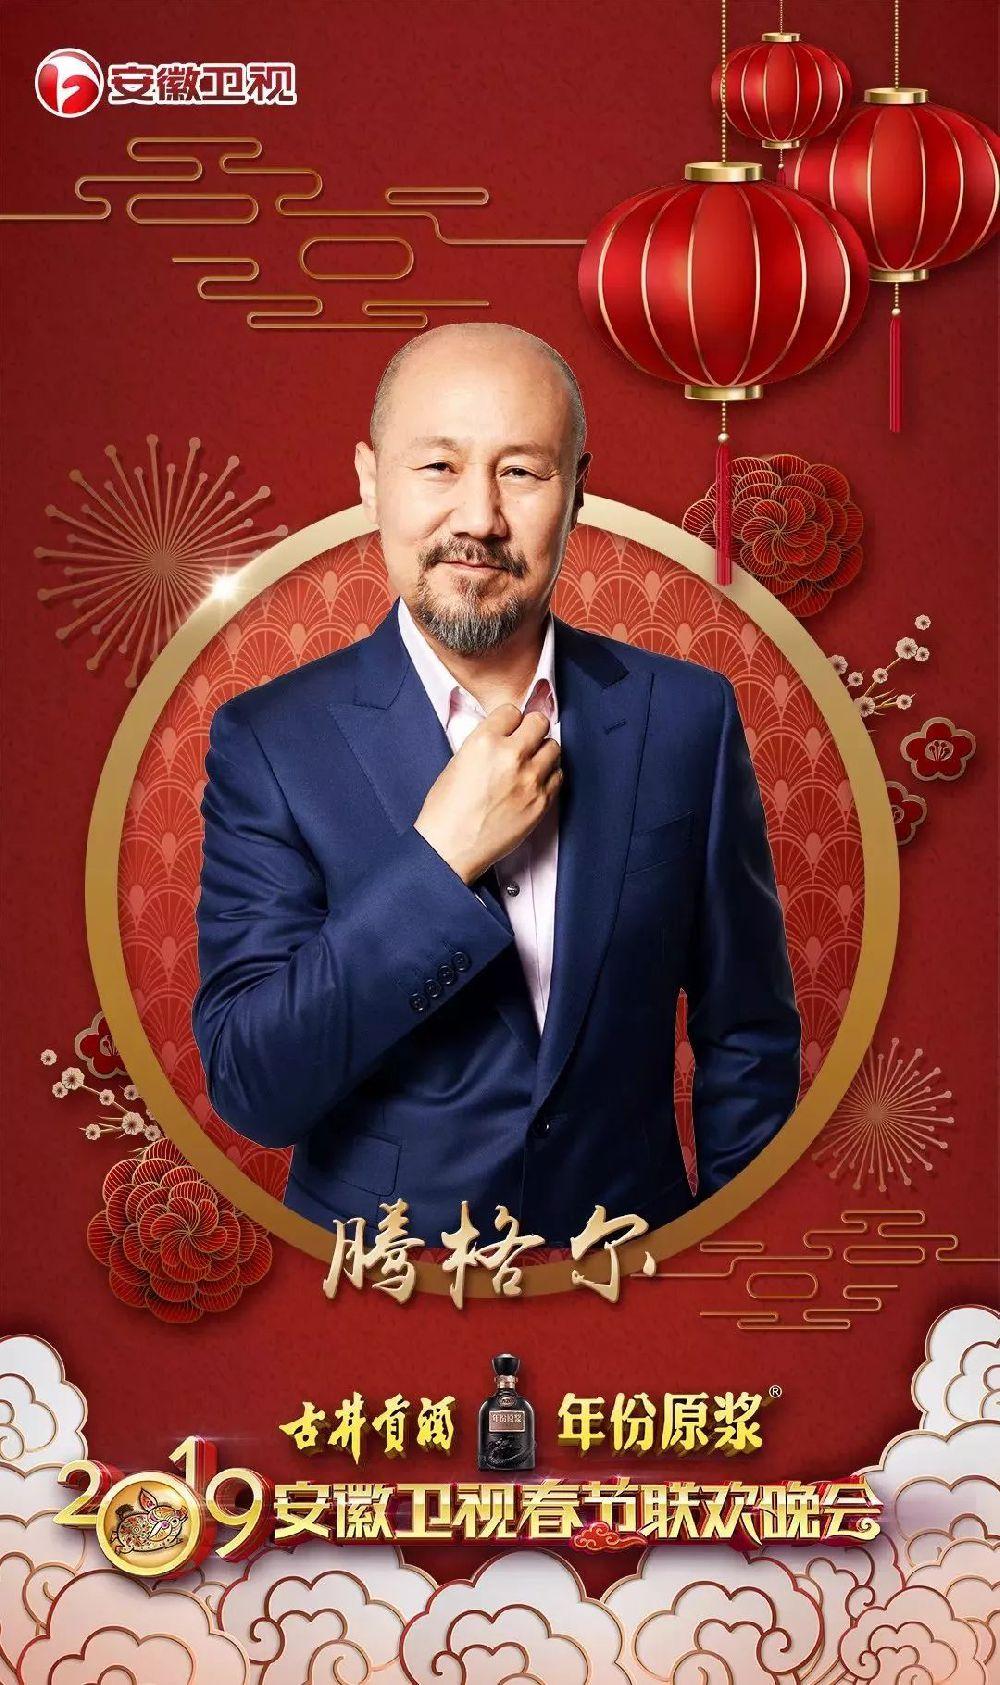 2019安徽卫视春晚四大看点揭晓 实力派 艺术家燃情开年